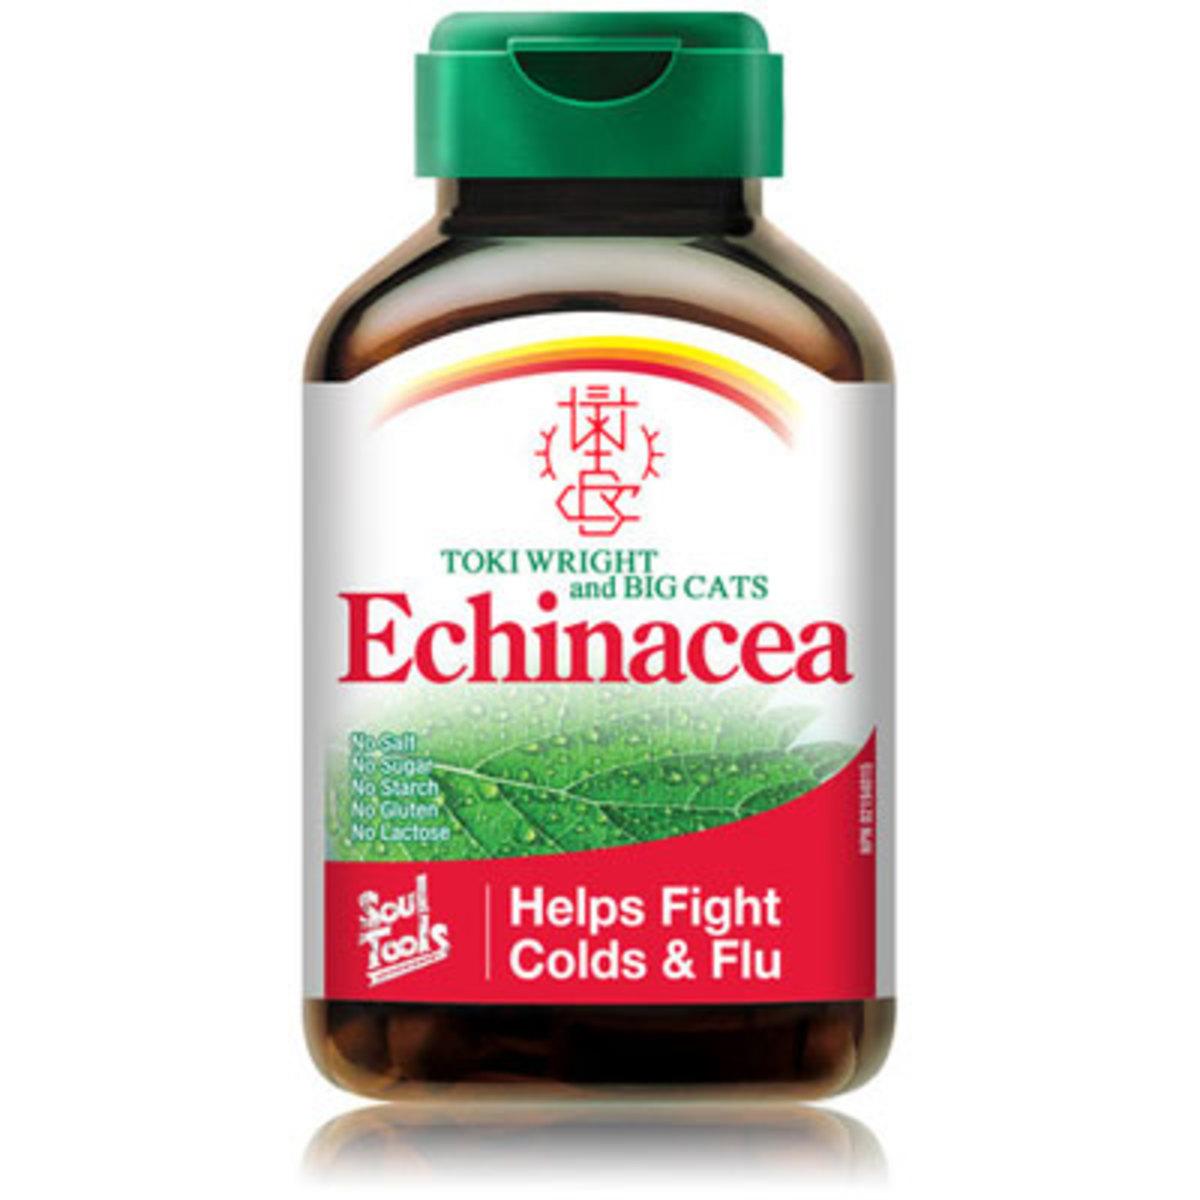 tokiwright-echinacea.jpg